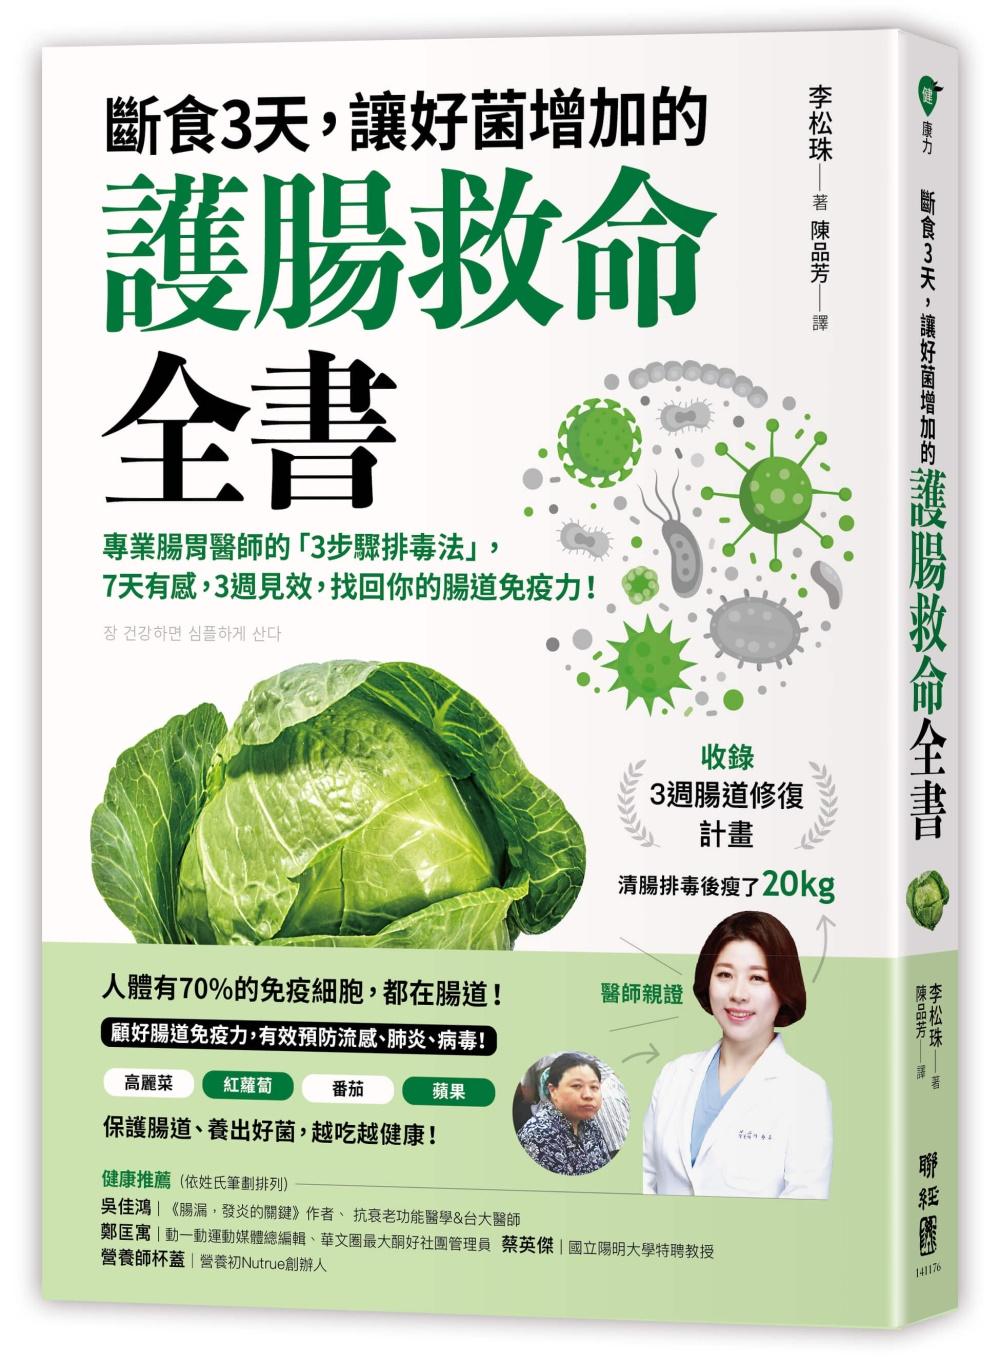 斷食3天,讓好菌增加的護腸救命全書:專業腸胃醫師的「3步驟排毒法」,7天有感,3週見效,找回你的腸道免疫力!(附:3週腸道修復計畫)